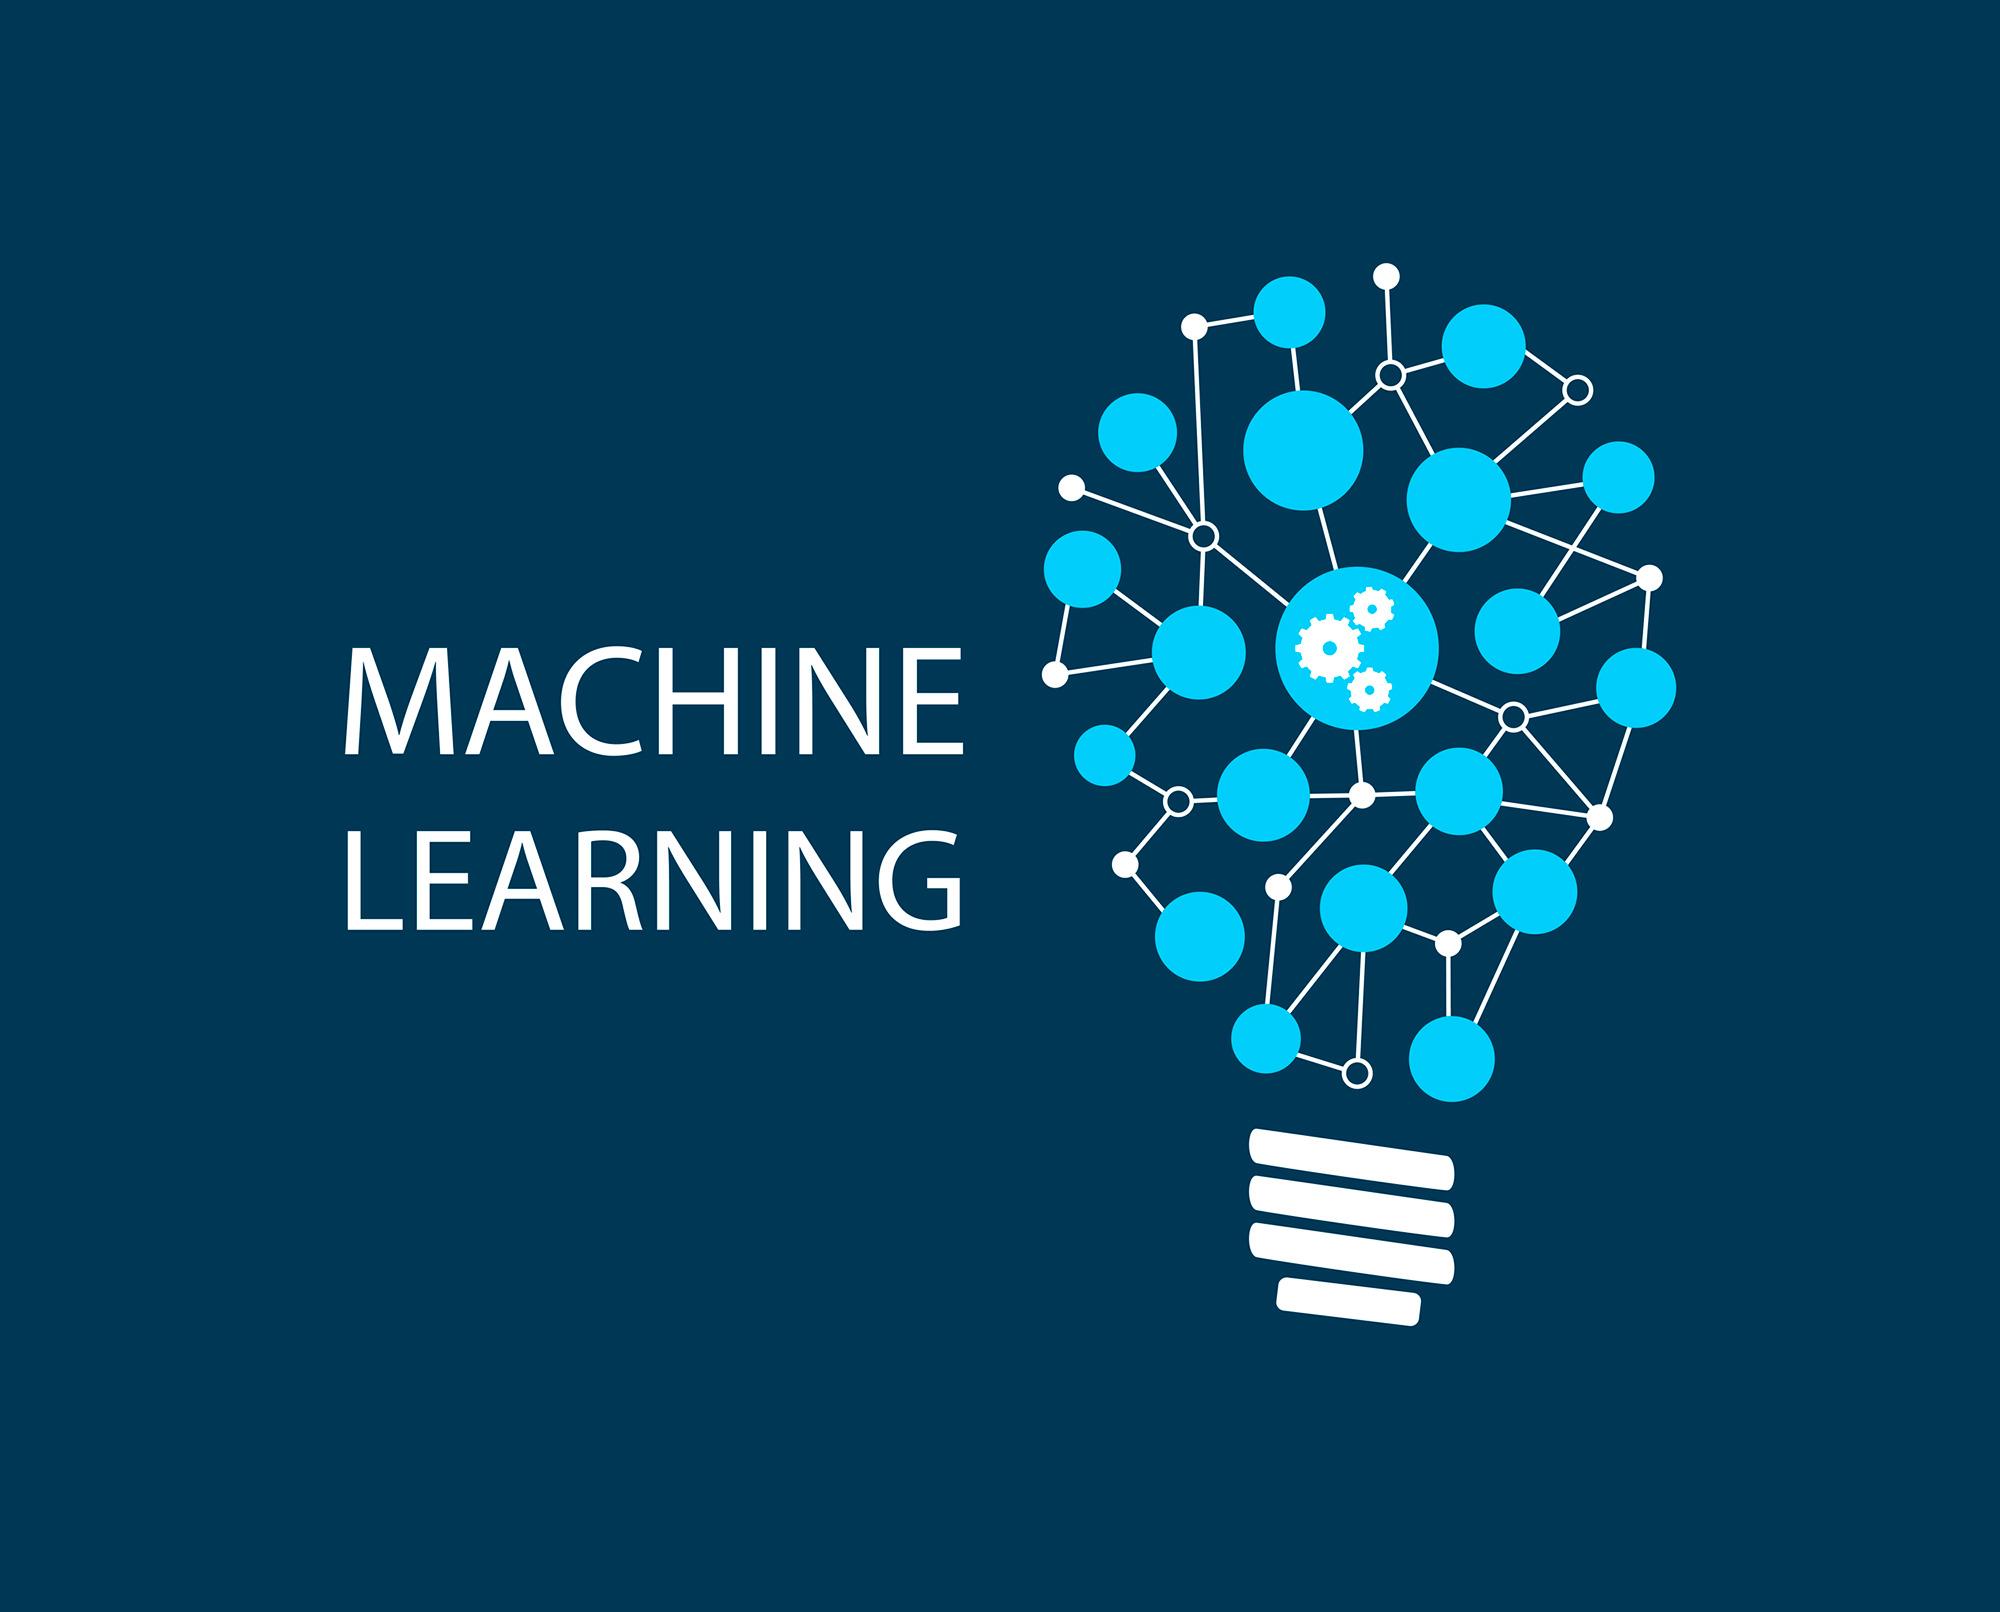 machine-learning-espana.jpg